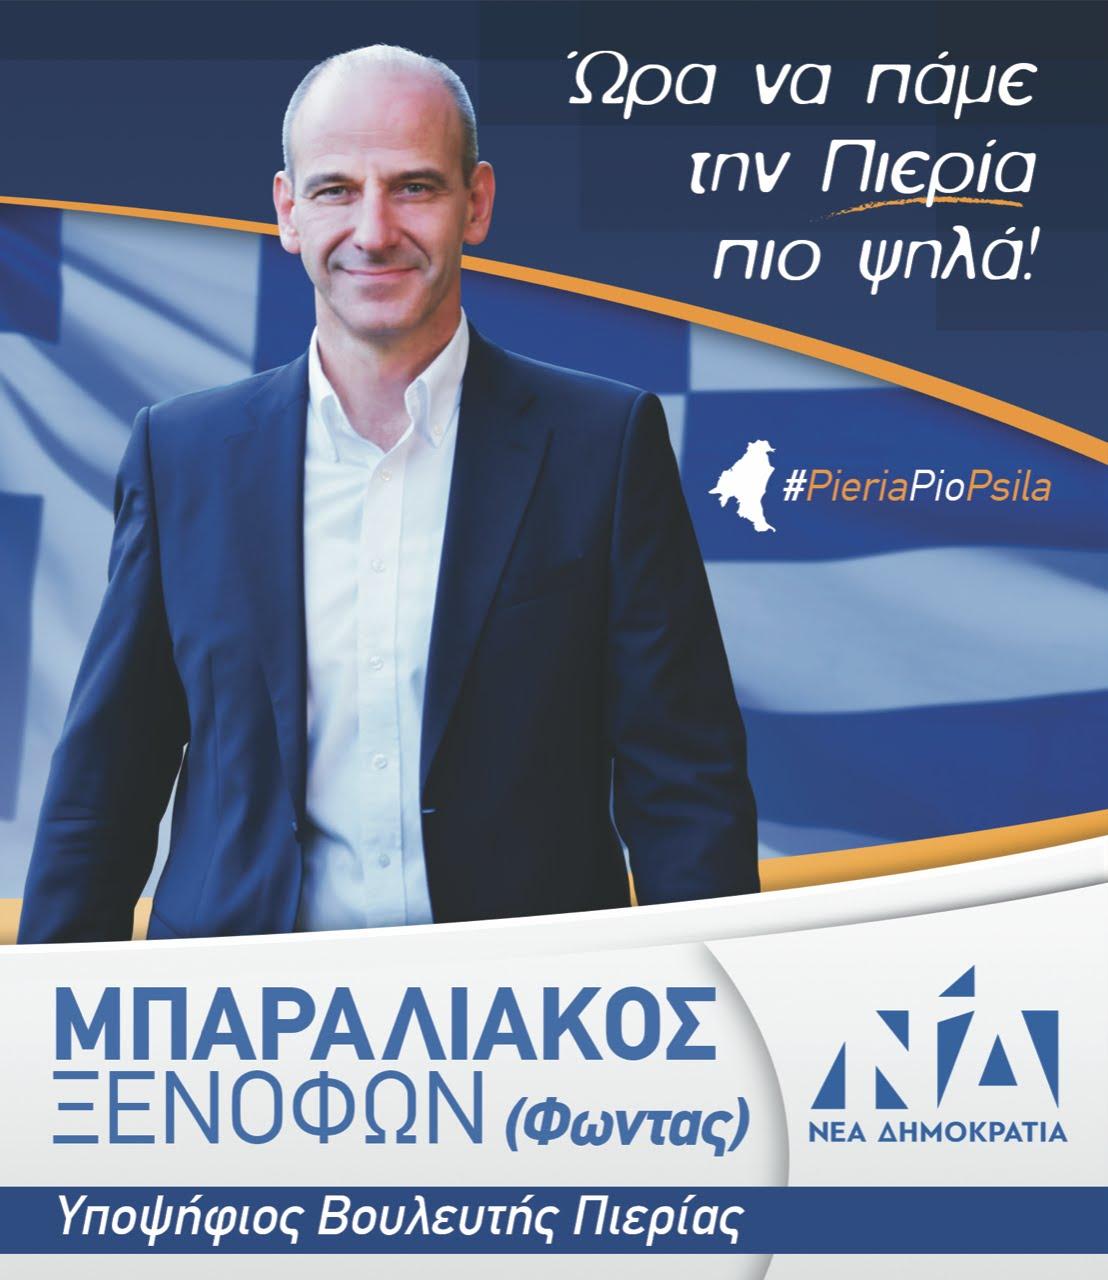 ΞΕΝΟΦΩΝ ΜΠΑΡΑΛΙΑΚΟΣ